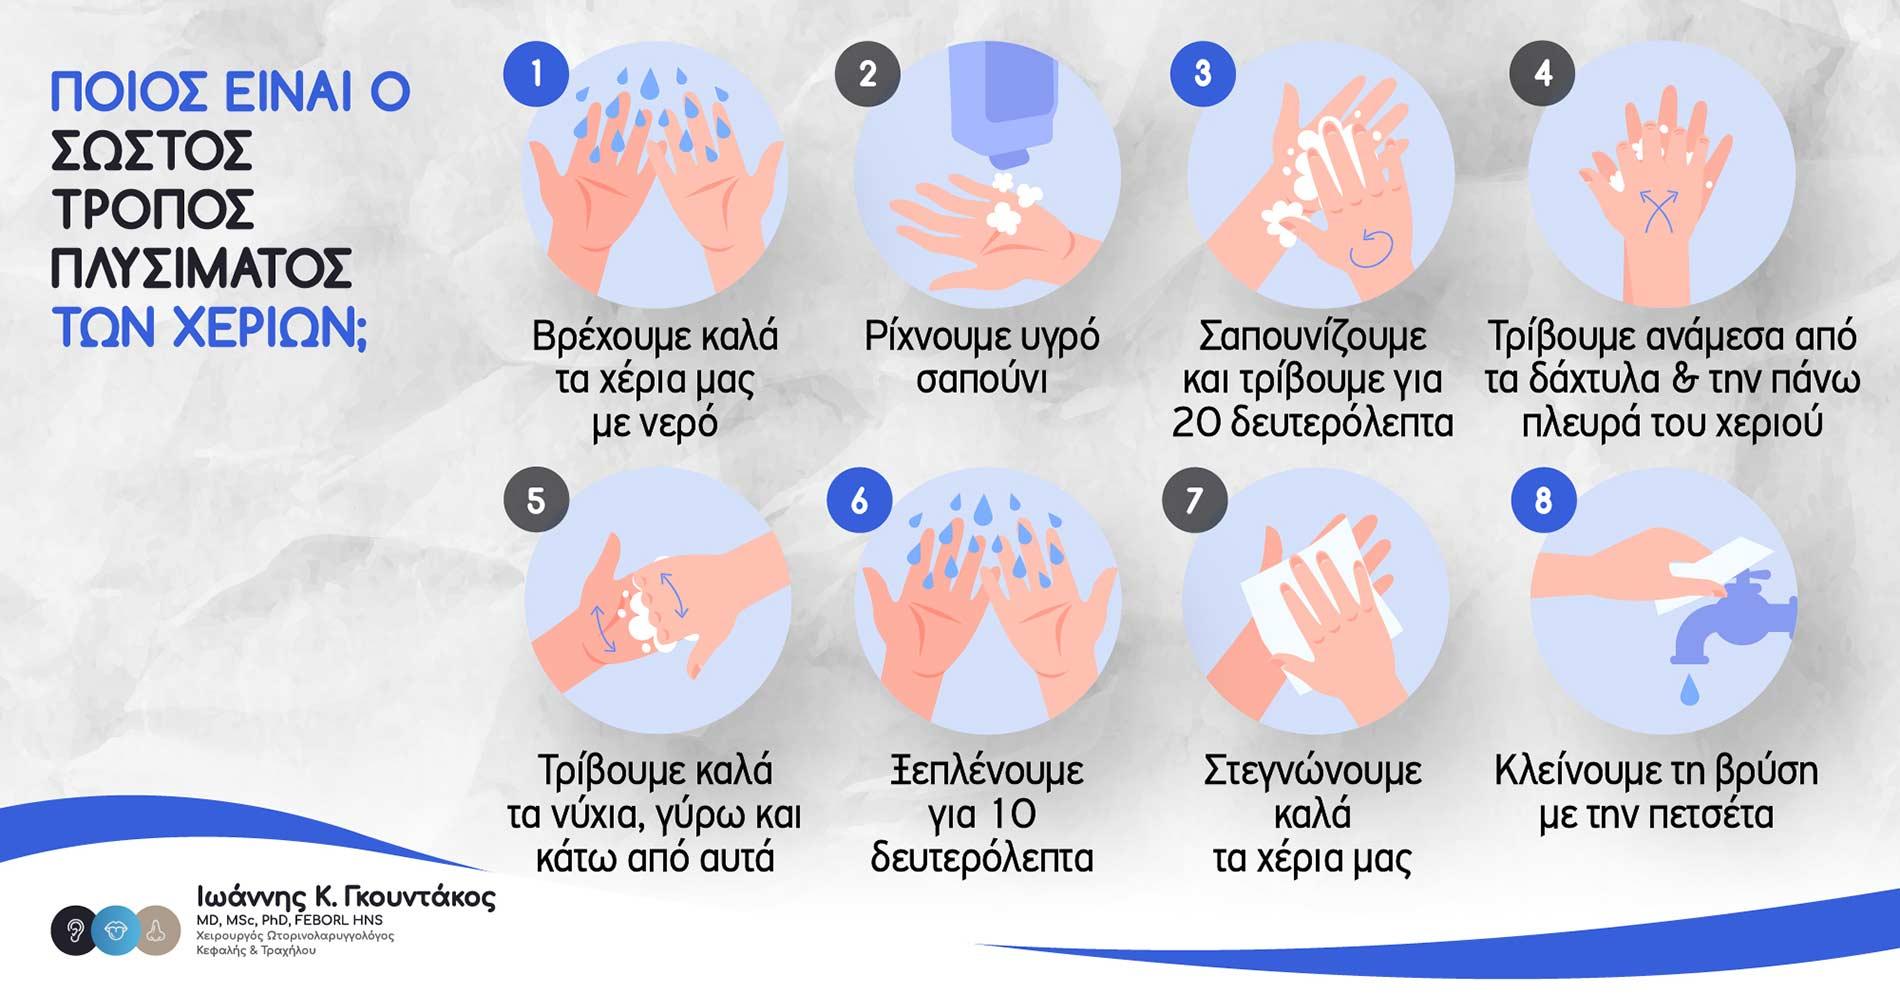 Σωστός τρόπος πλυσίματος χεριών